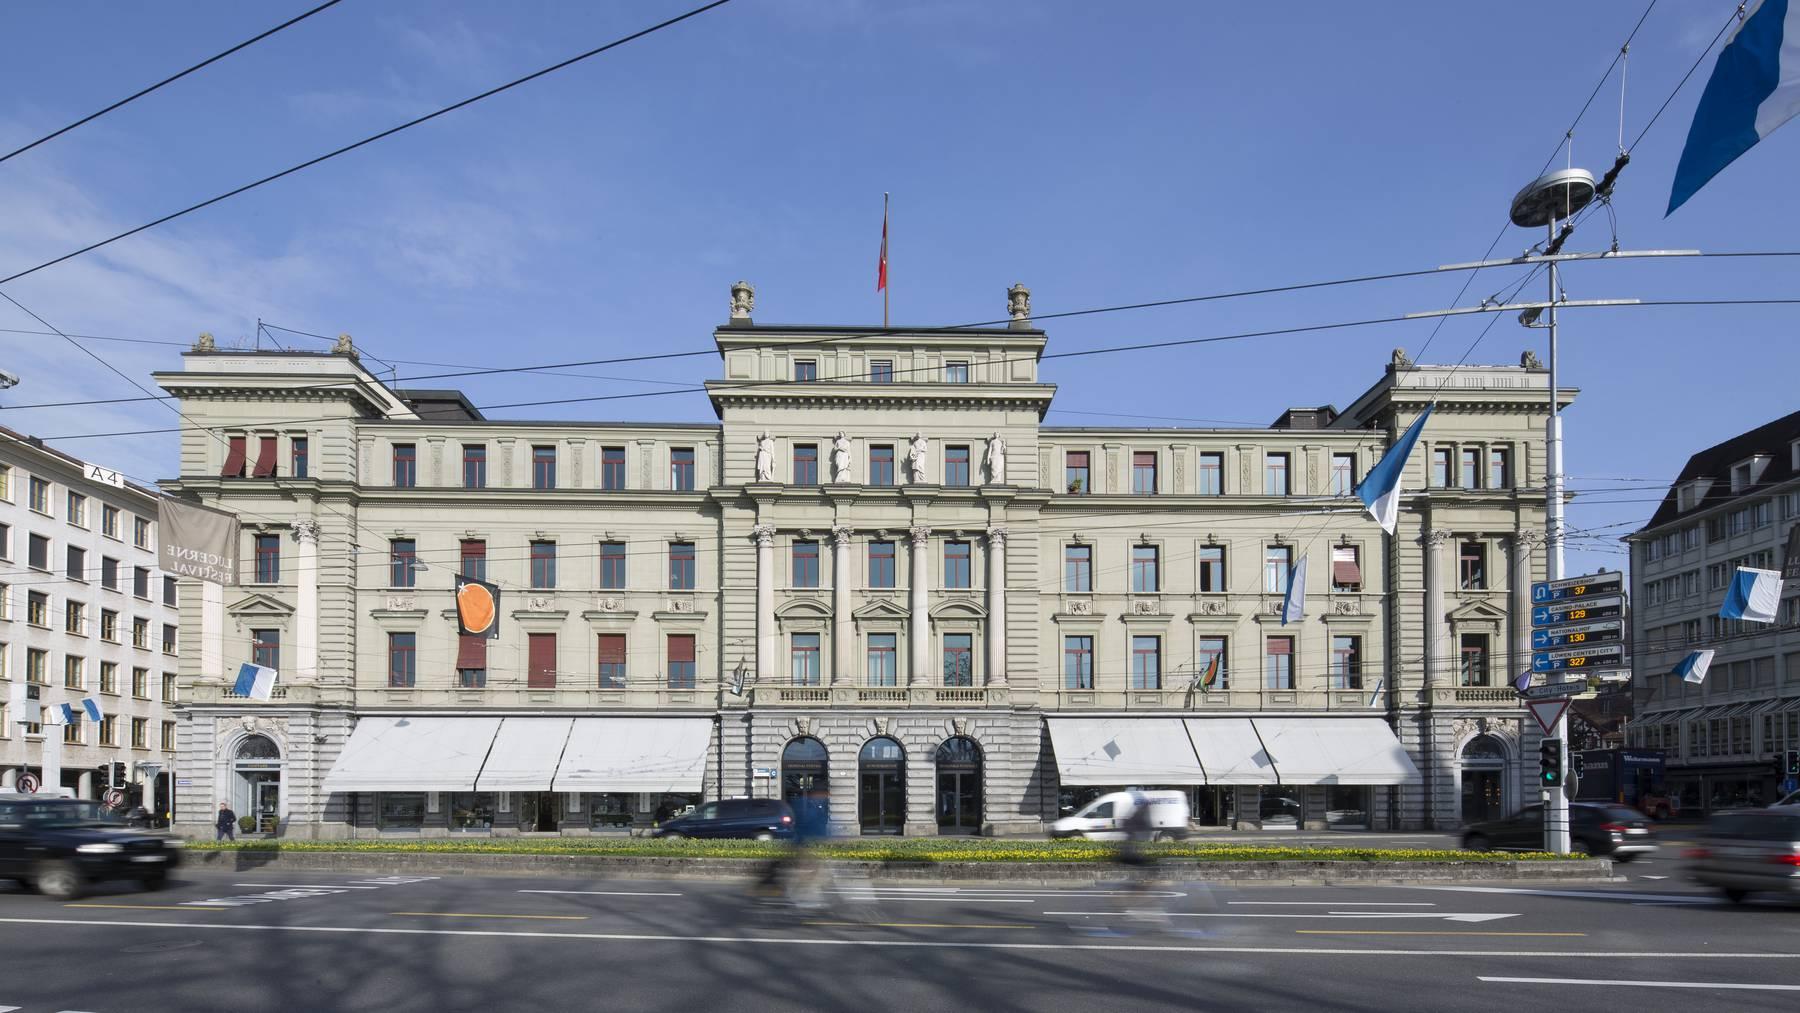 Die sozialrechtliche Abteilung des Bundesgerichts in der Stadt Luzern. (Archivbild)